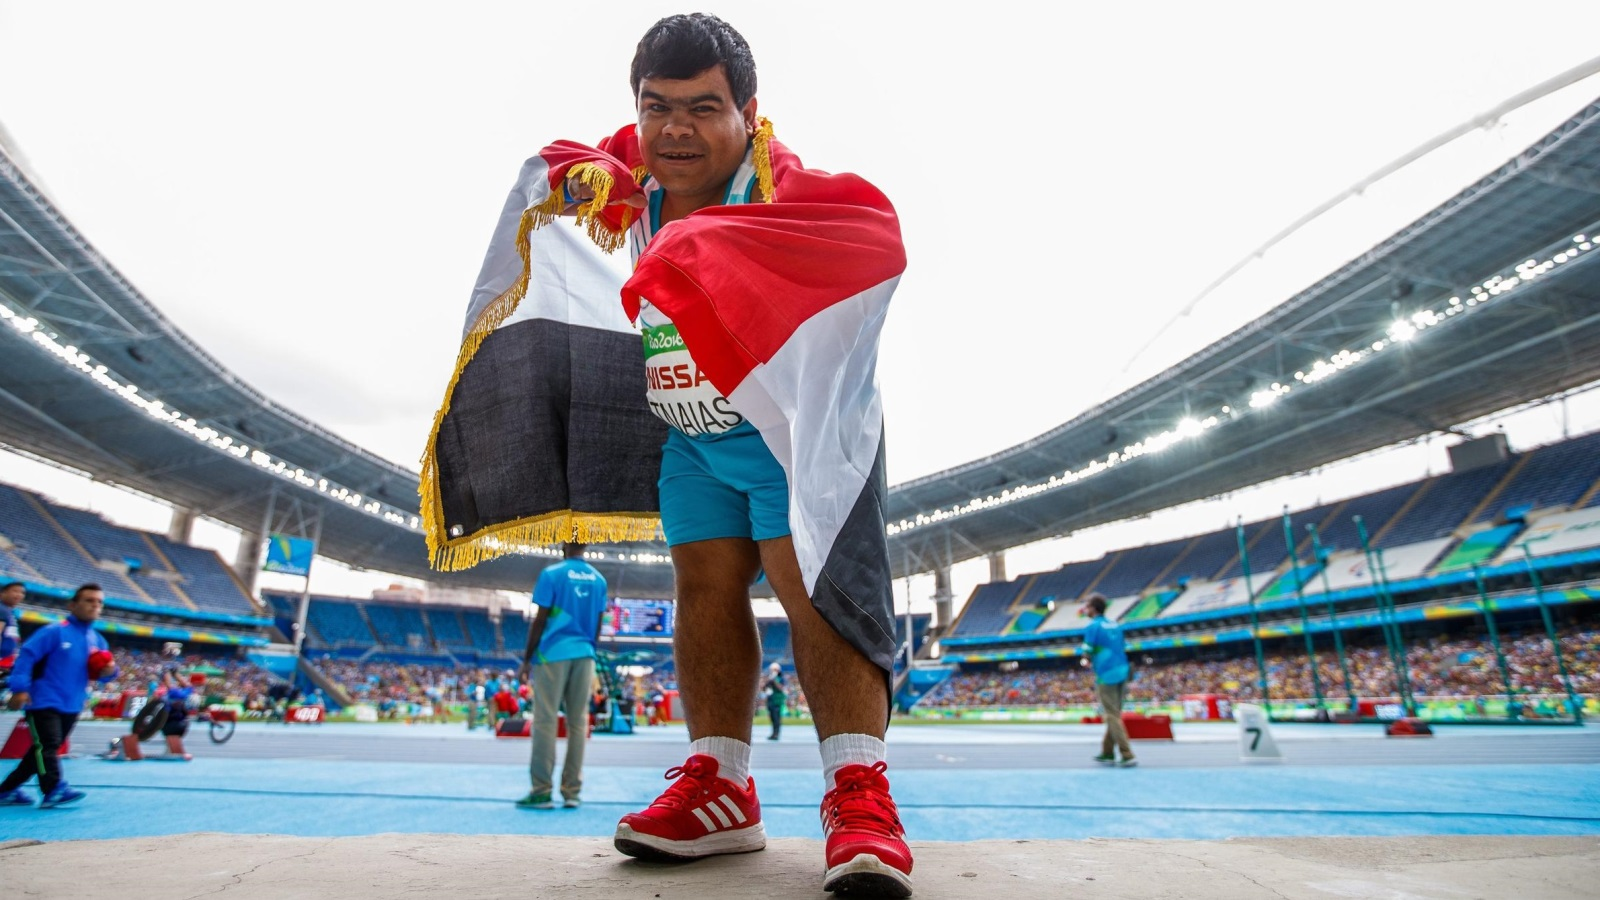 بارالمبياد طوكيو..بـ 19 ميدالية متنوعة إنجاز عربي لامثيل له وظهور بمستوى متميز ورائع